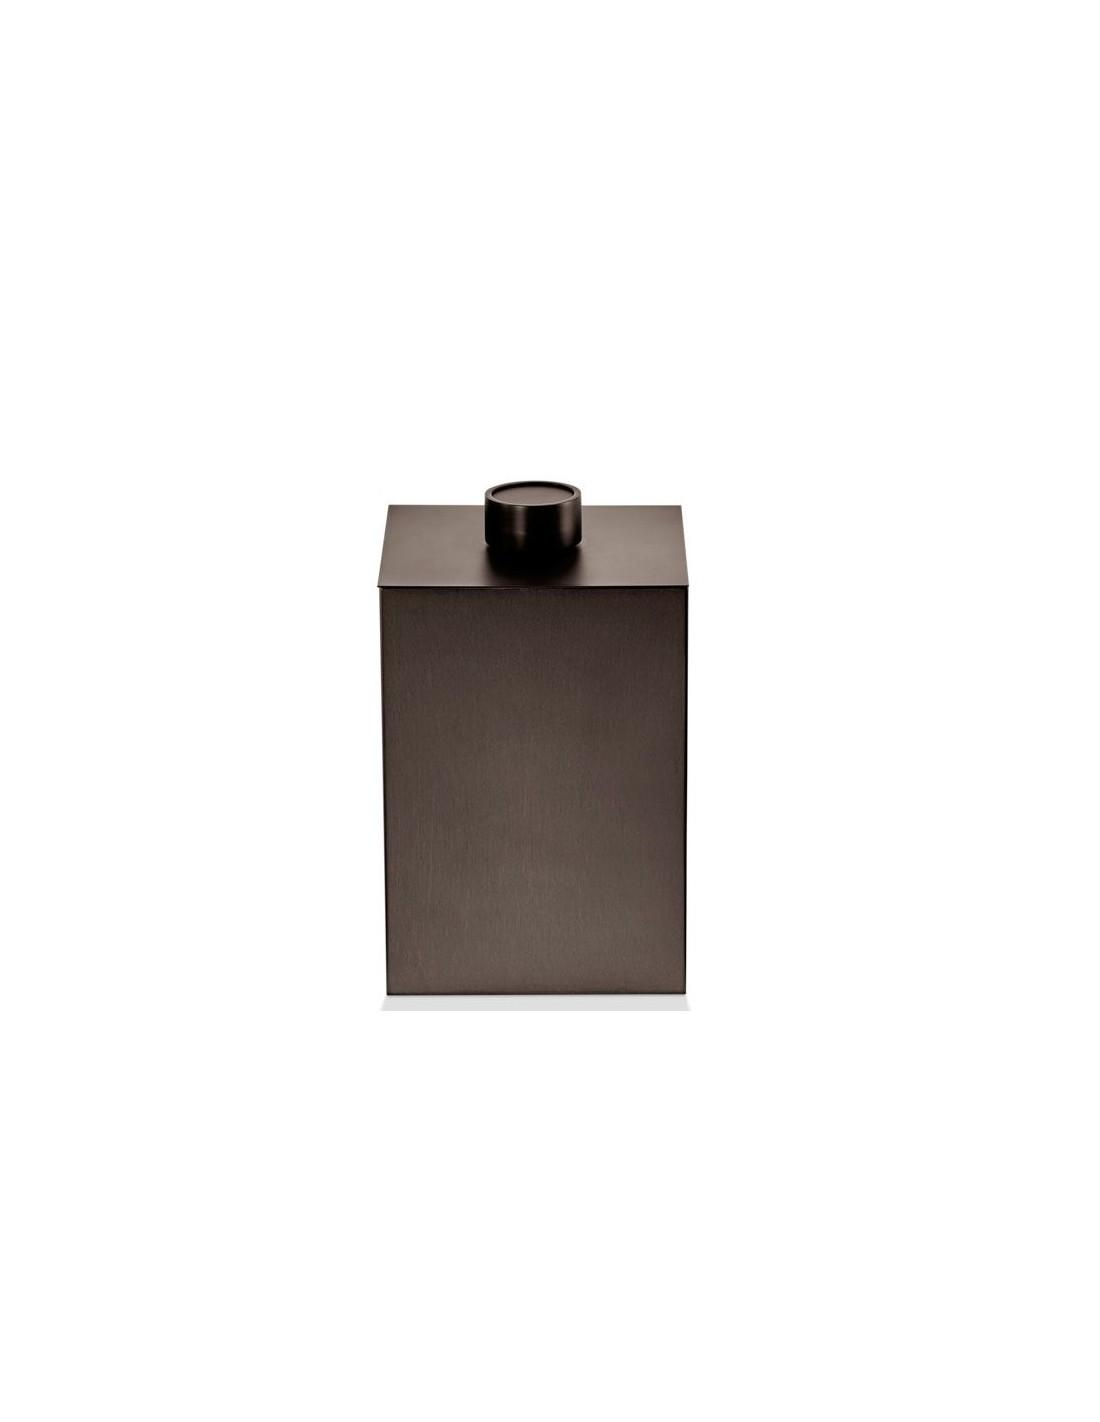 DW 76 valente design decor walther poubelle dark bronze